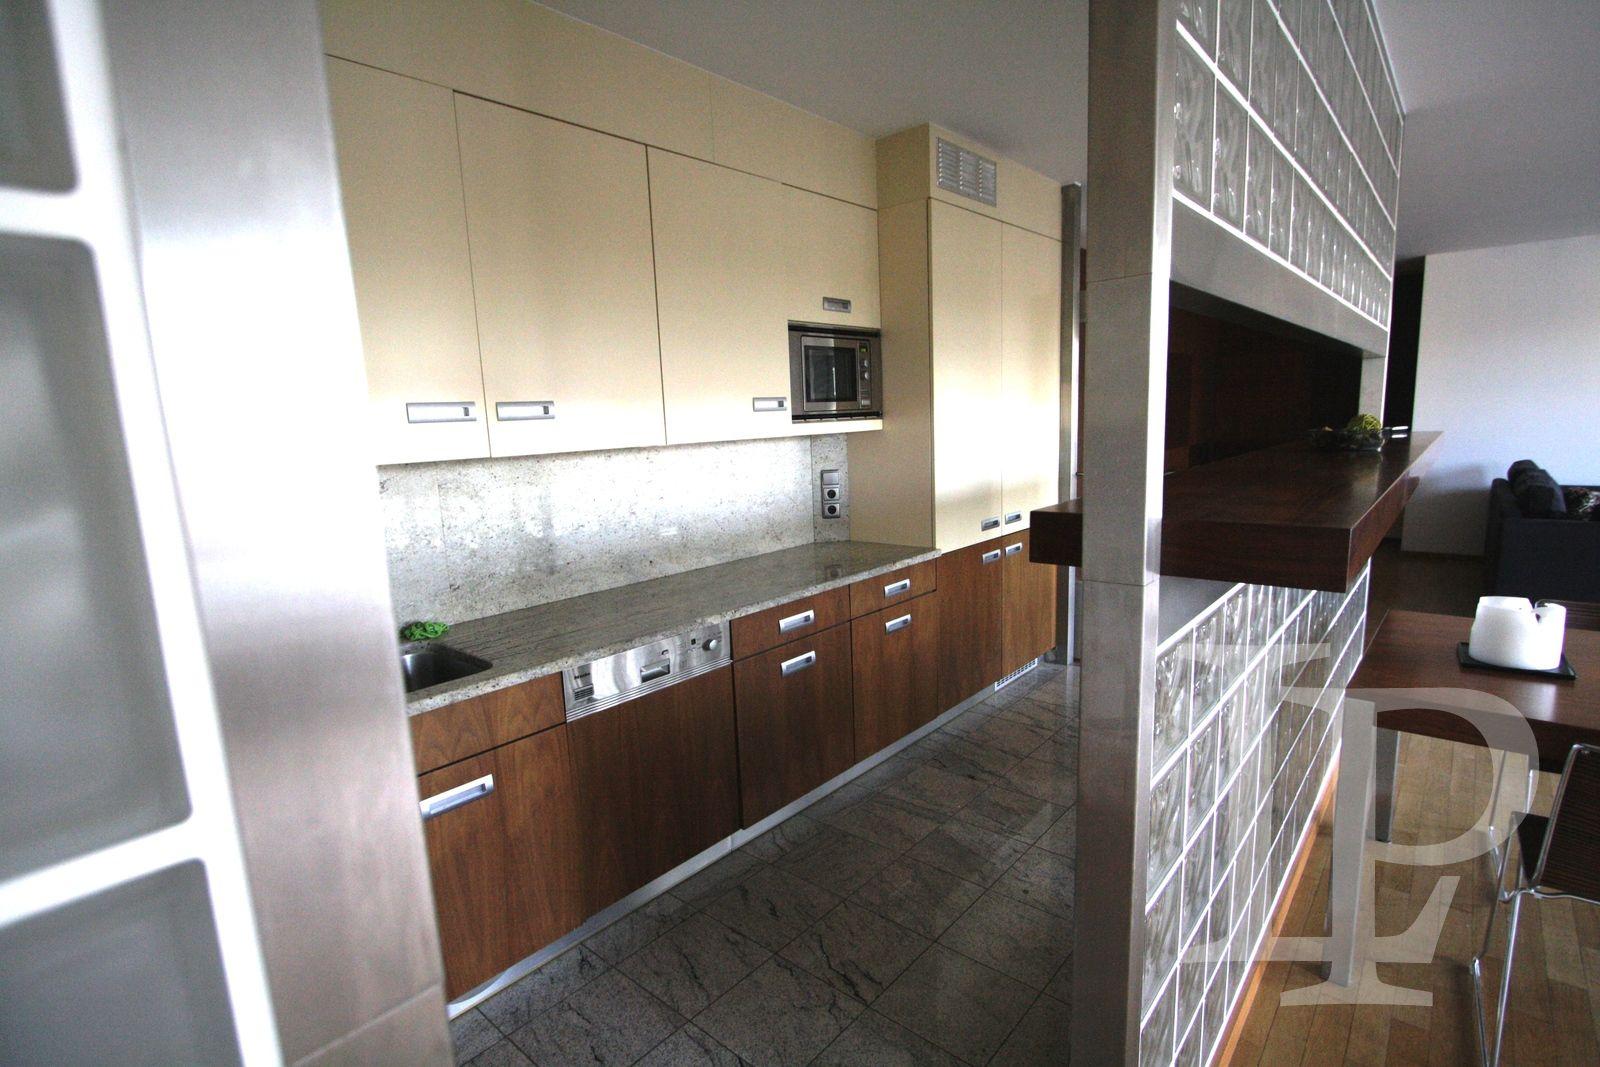 Luxusní apartmán s dvěma koupelnami a terasou v centru Prahy 1, 160 m2